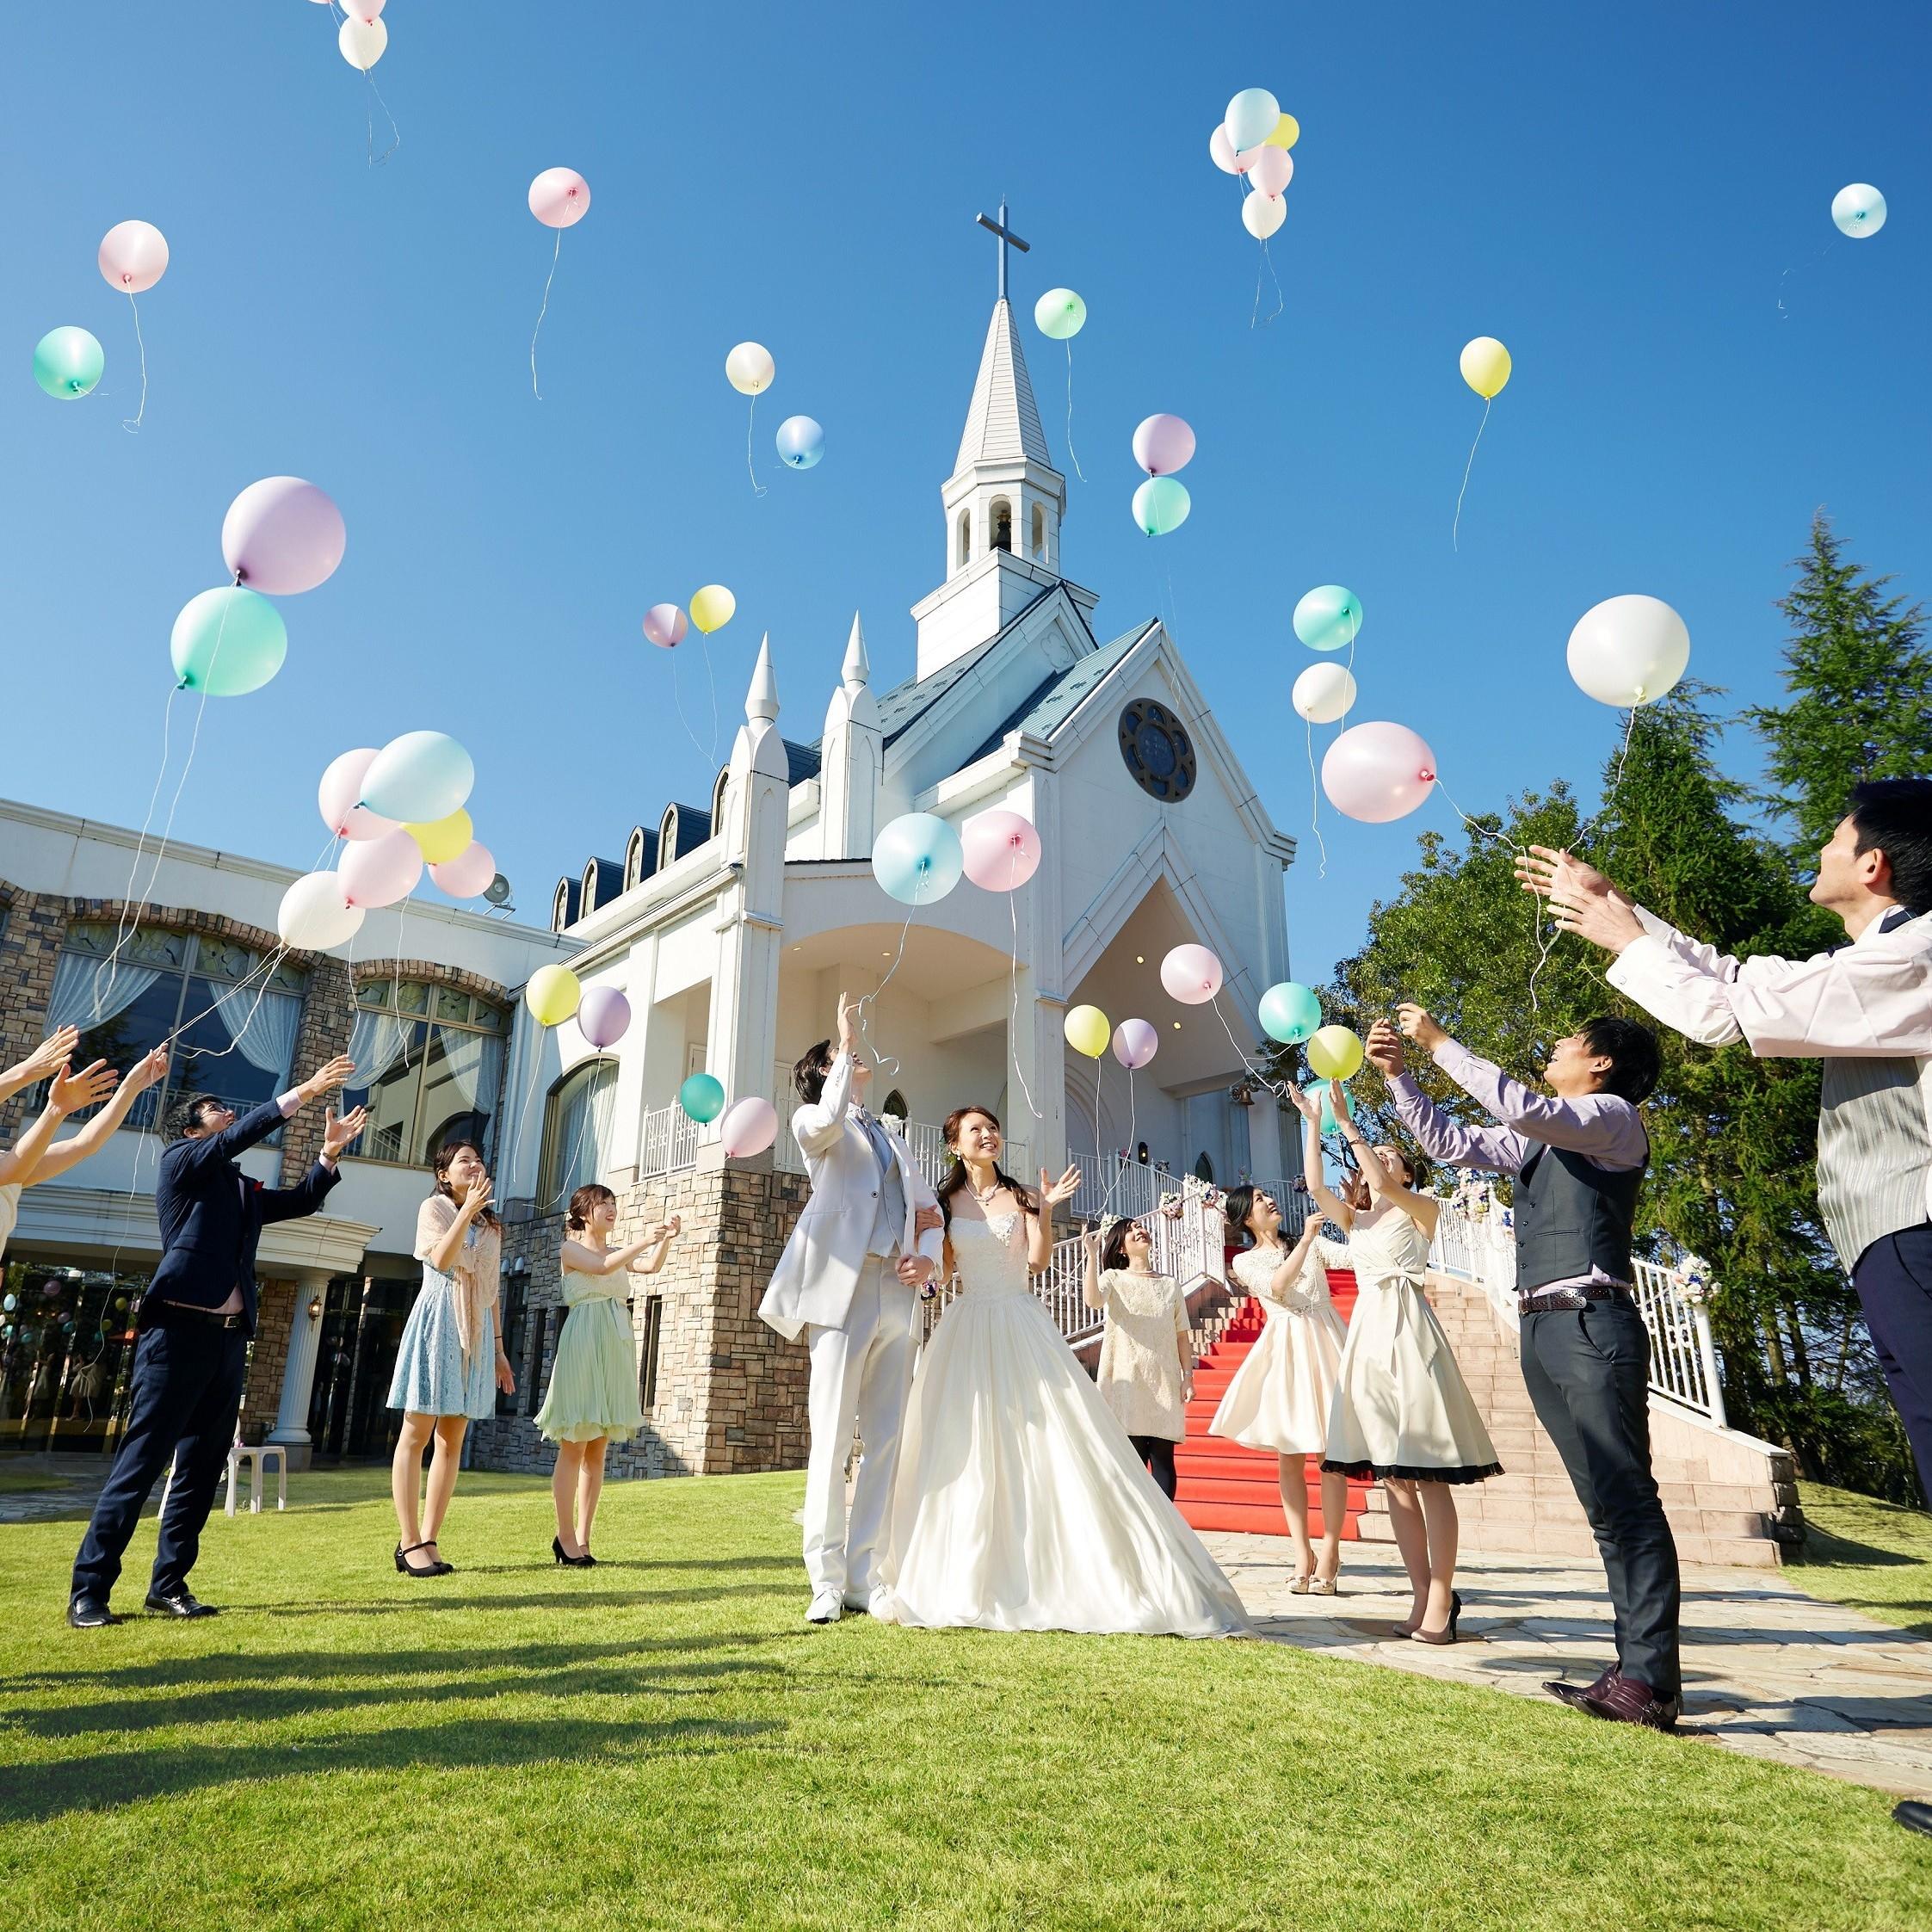 【2020年5月~9月挙式限定】◆60名148万◆地元婚応援スペシャルプラン